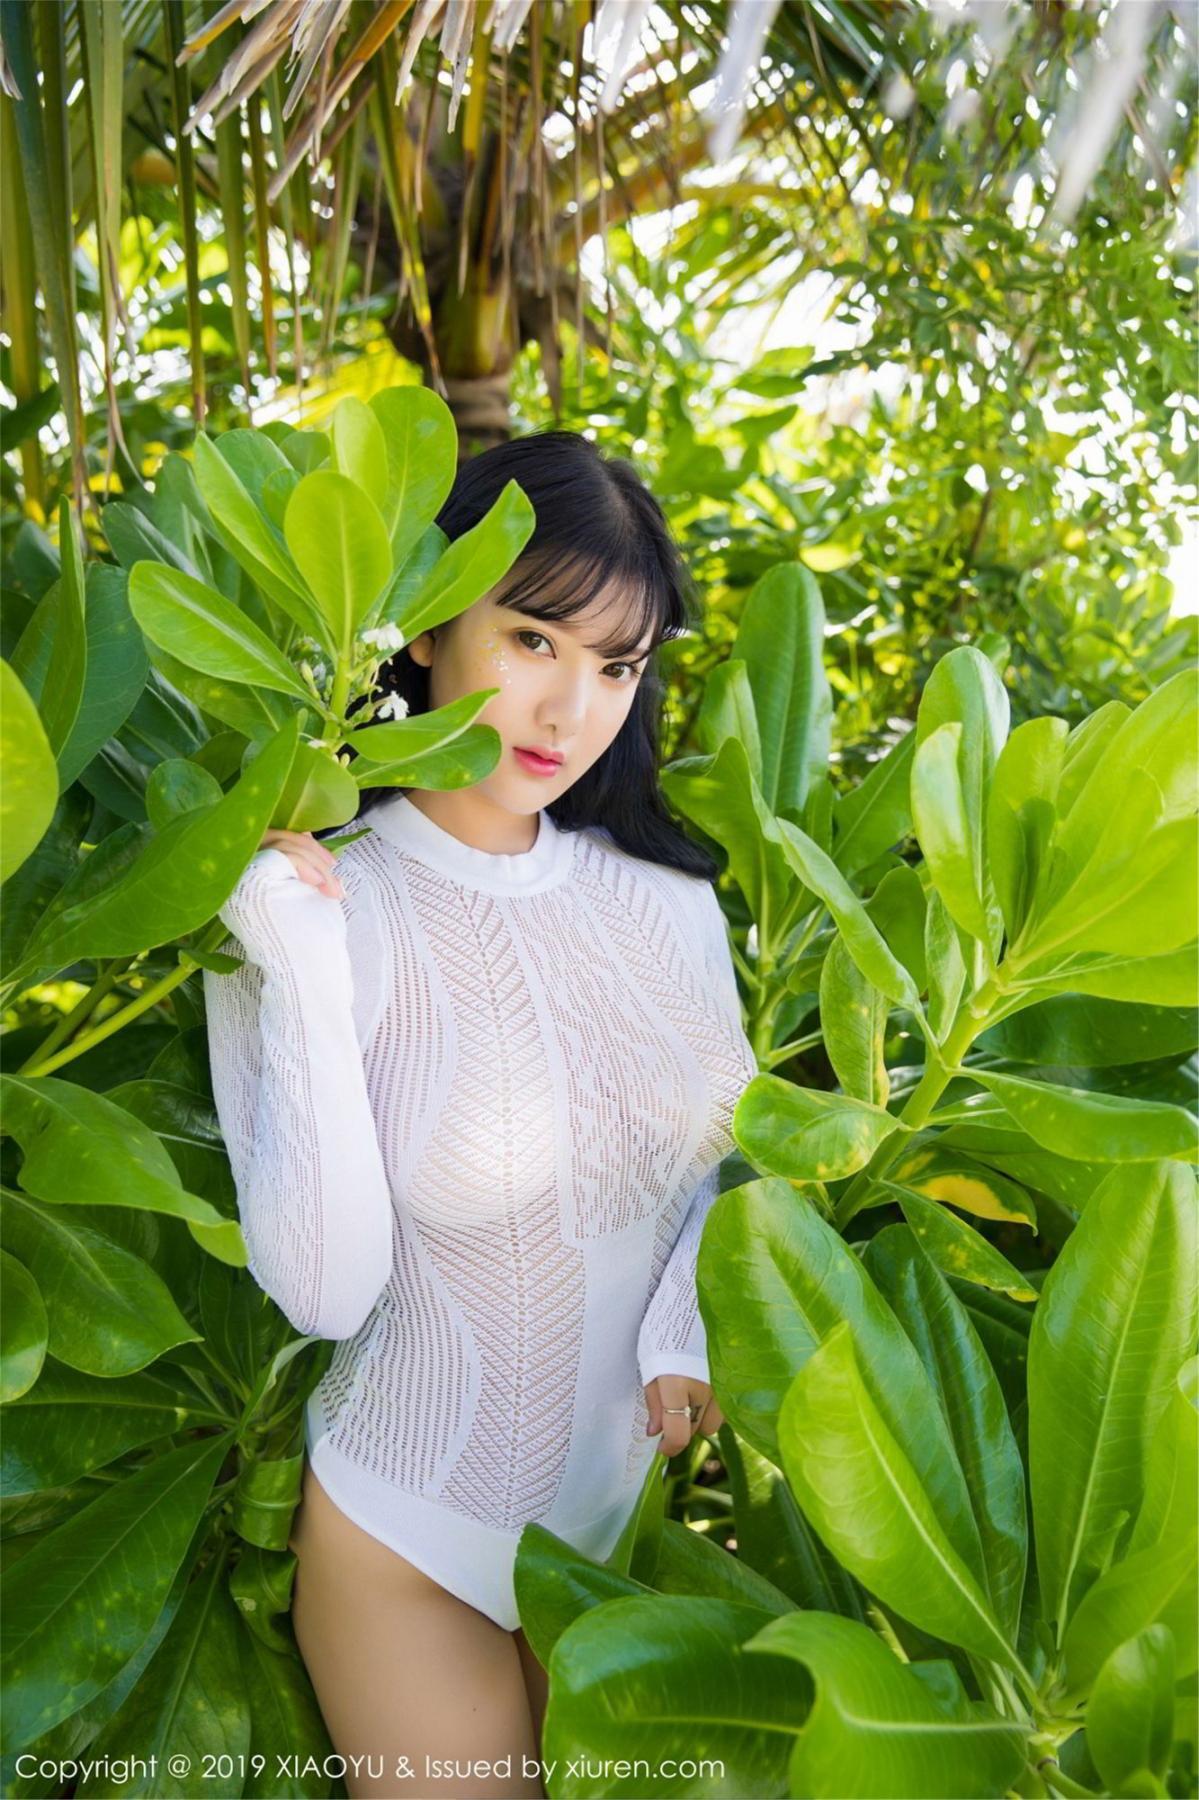 [XiaoYu] Vol.070 Lu Lu Xiao Miao 44P, Baby Face Big Boobs, Lovely, Lu Lu Xiao Miao, XiaoYu